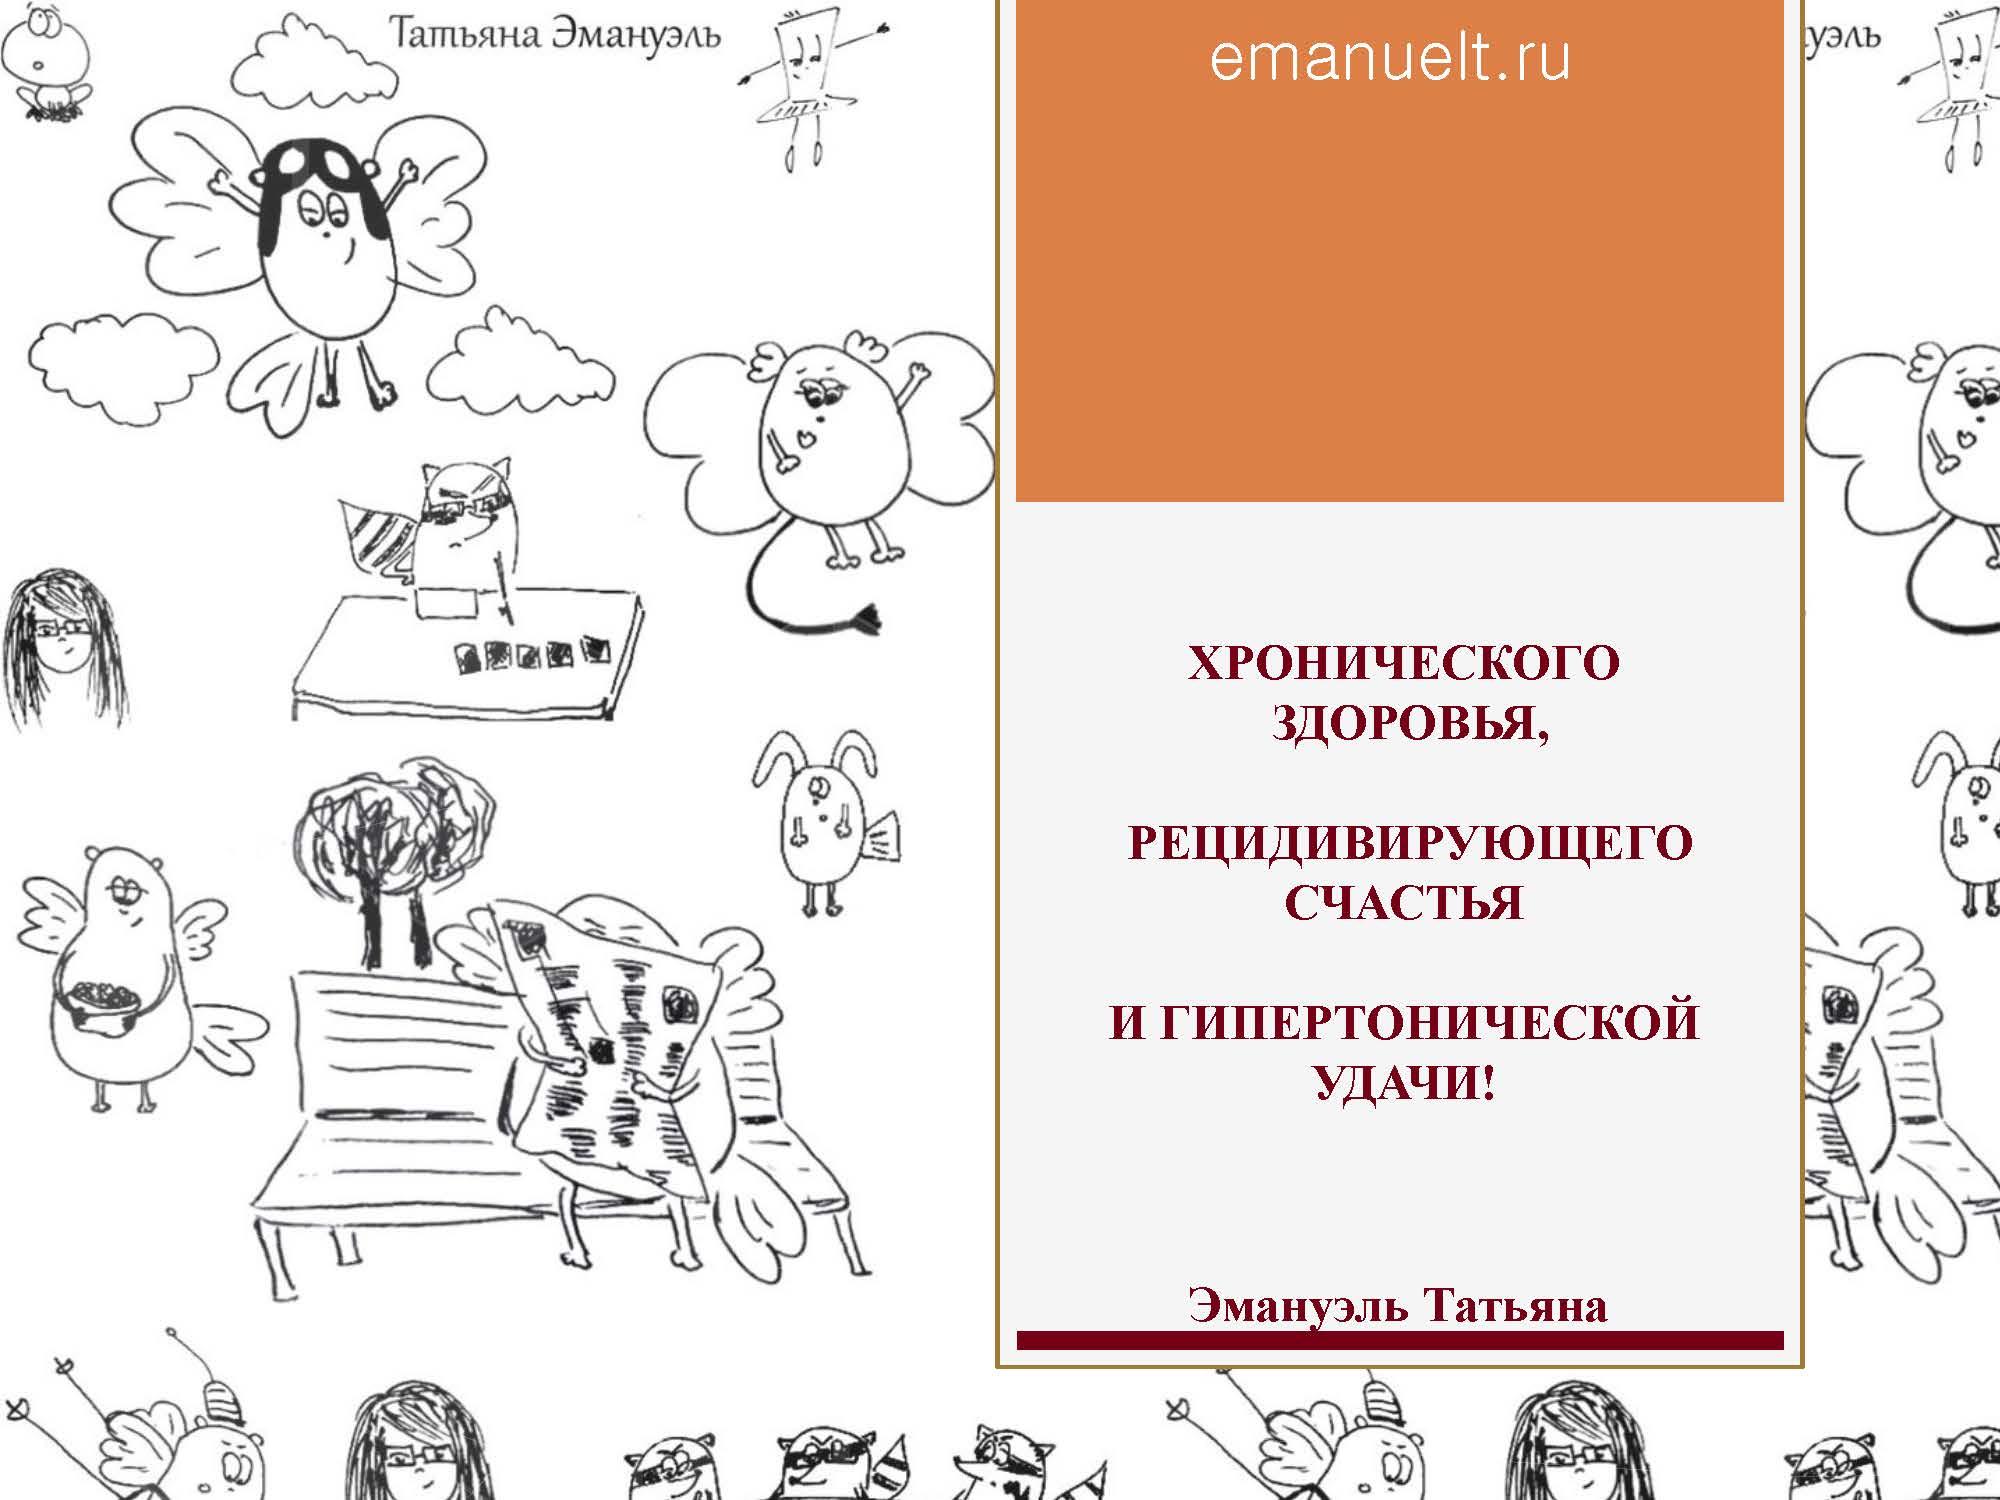 проектный эмануэль_Страница_88